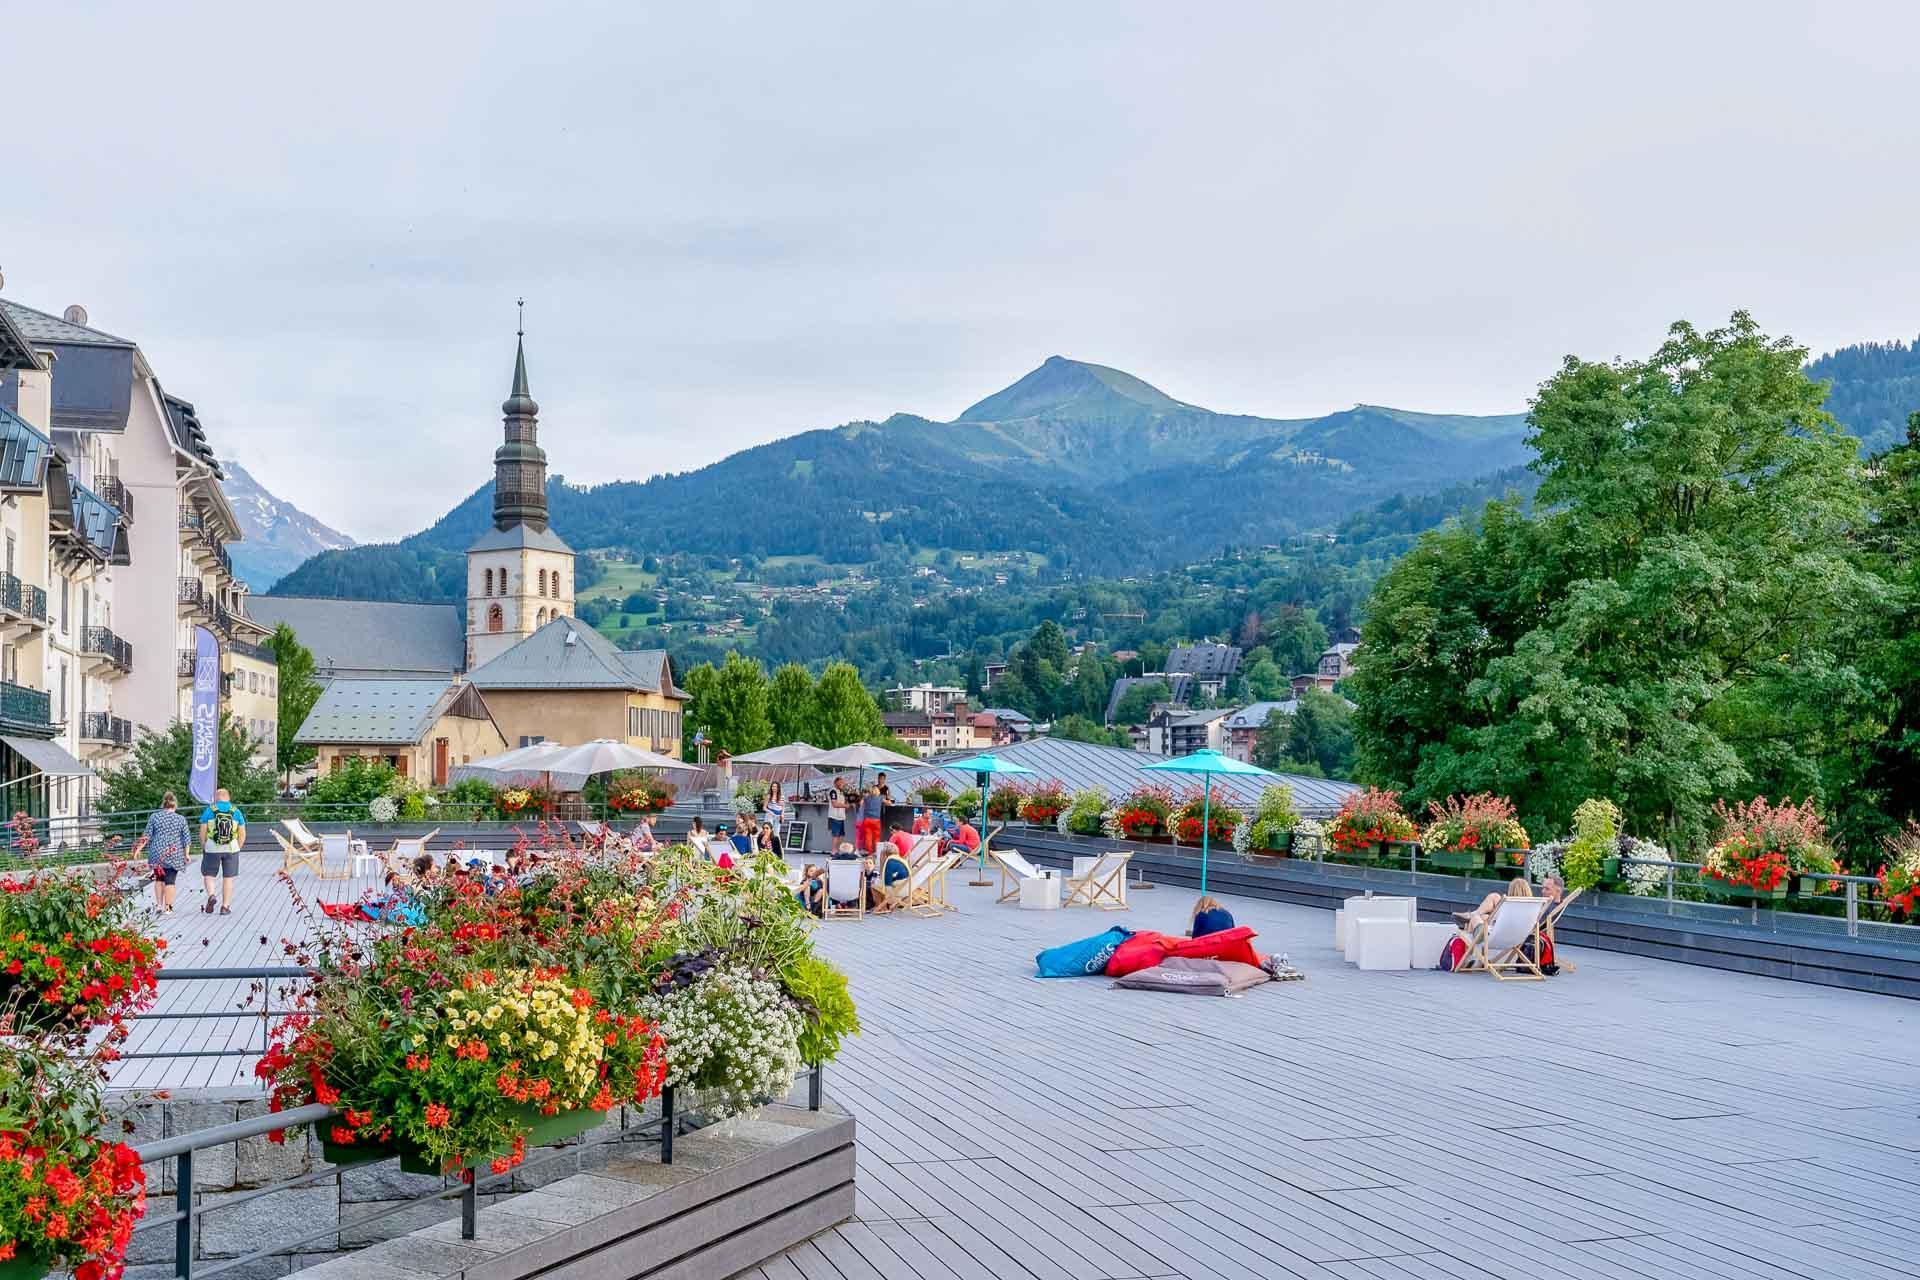 Le village de Saint-Gervais © OT Saint-Gervais - Boris Molinier